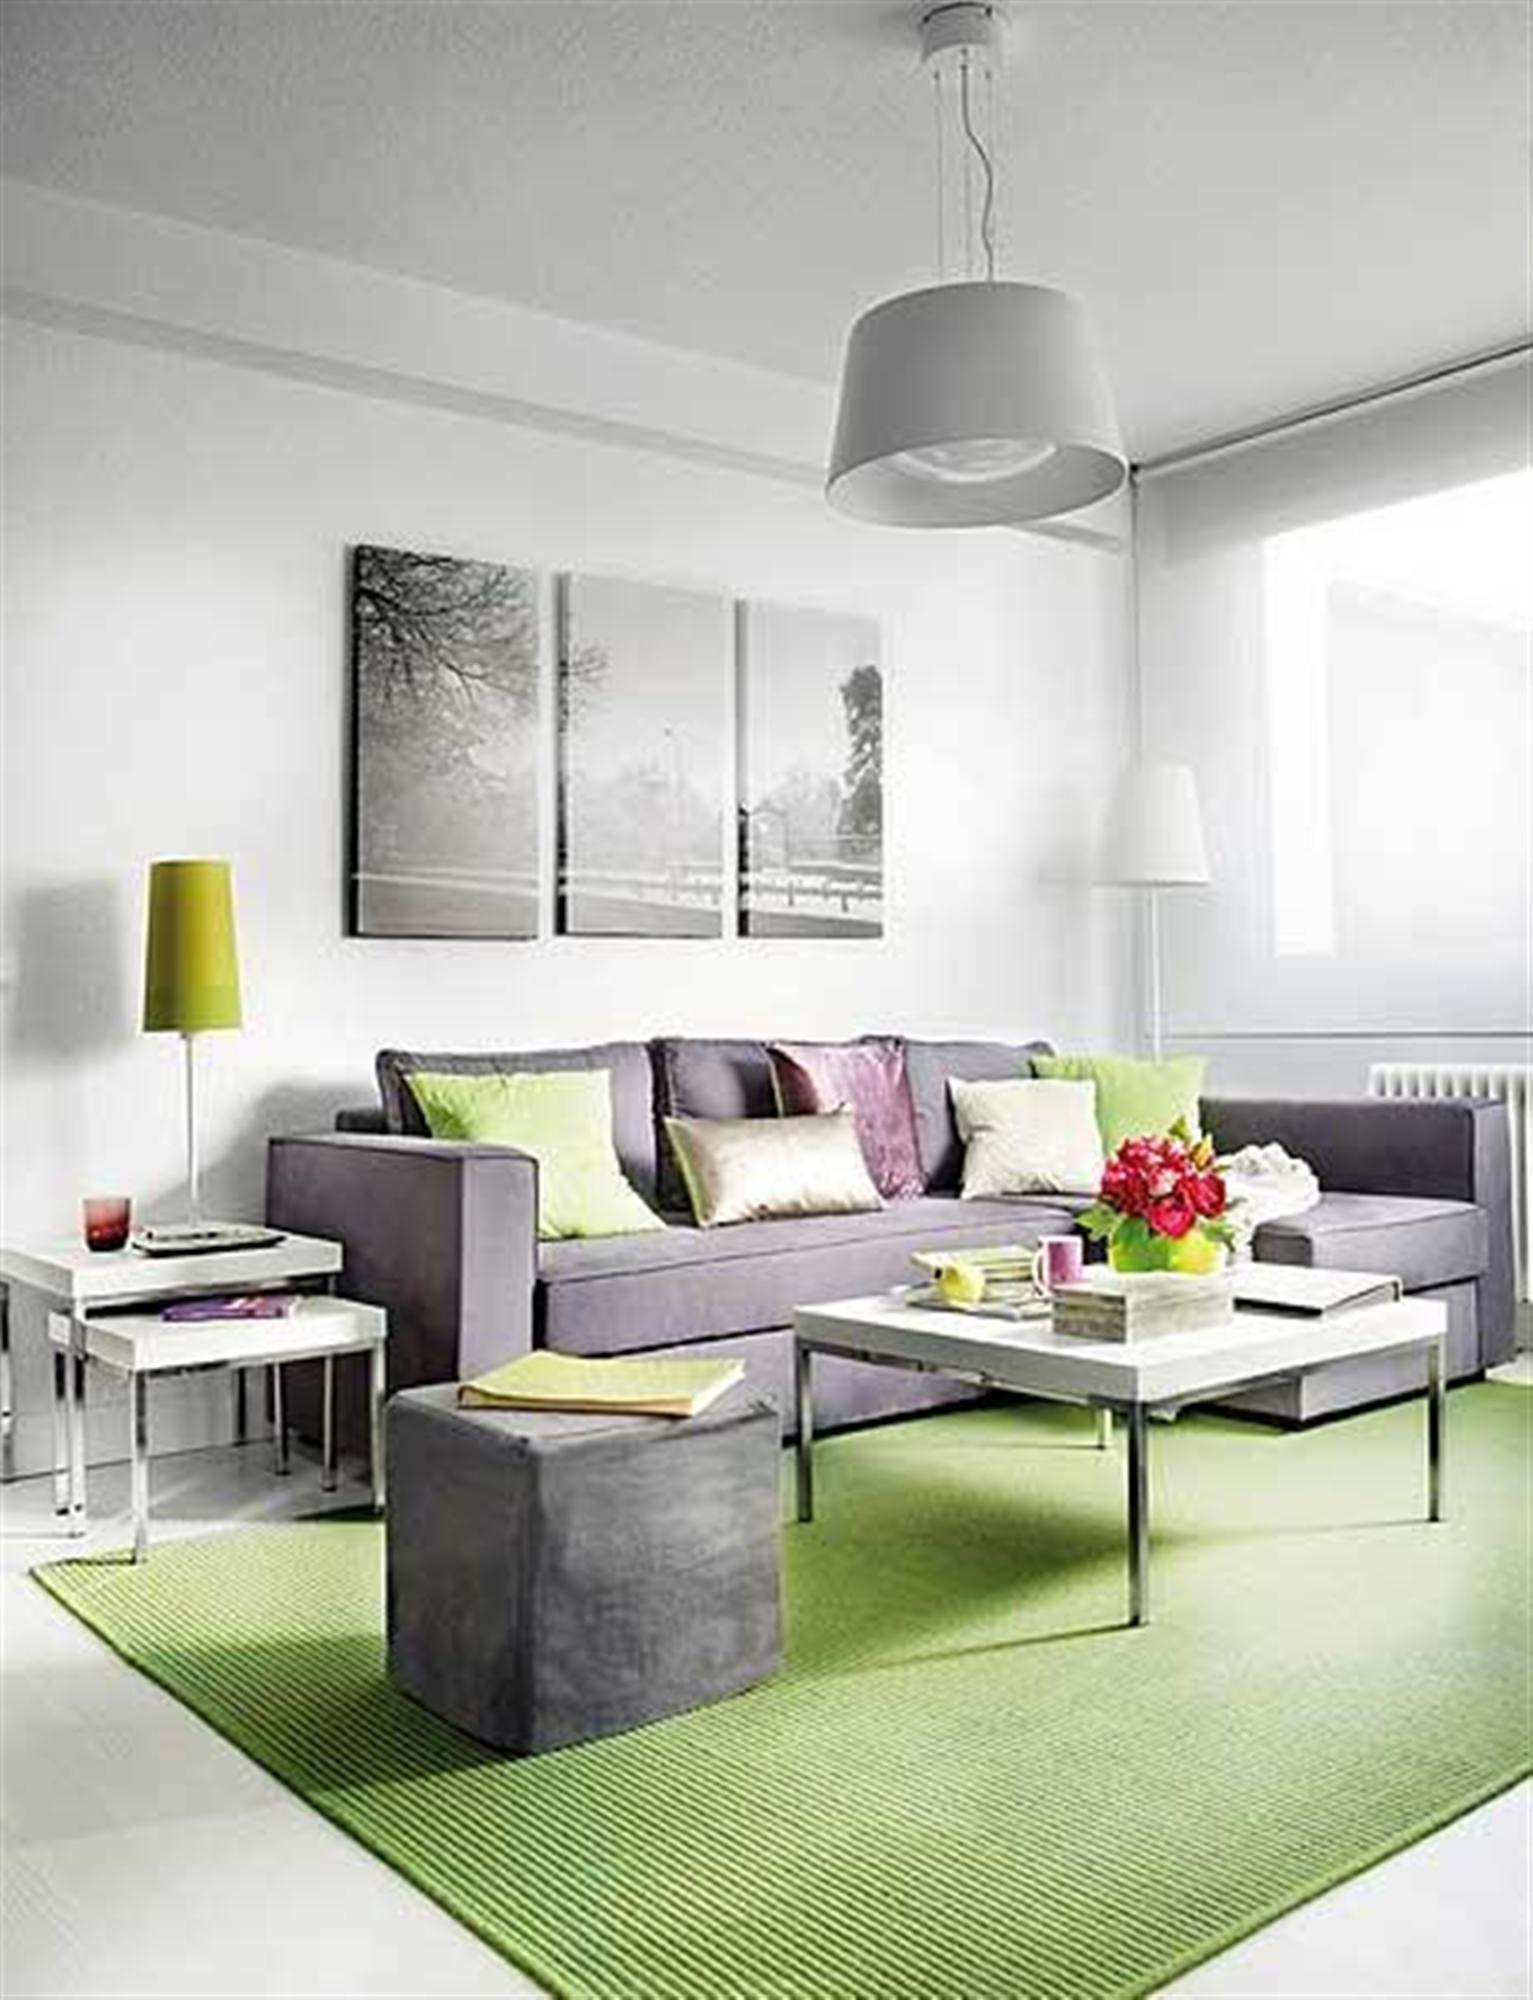 صالة جلوس باللون الرمادي والأخضر | المرسال